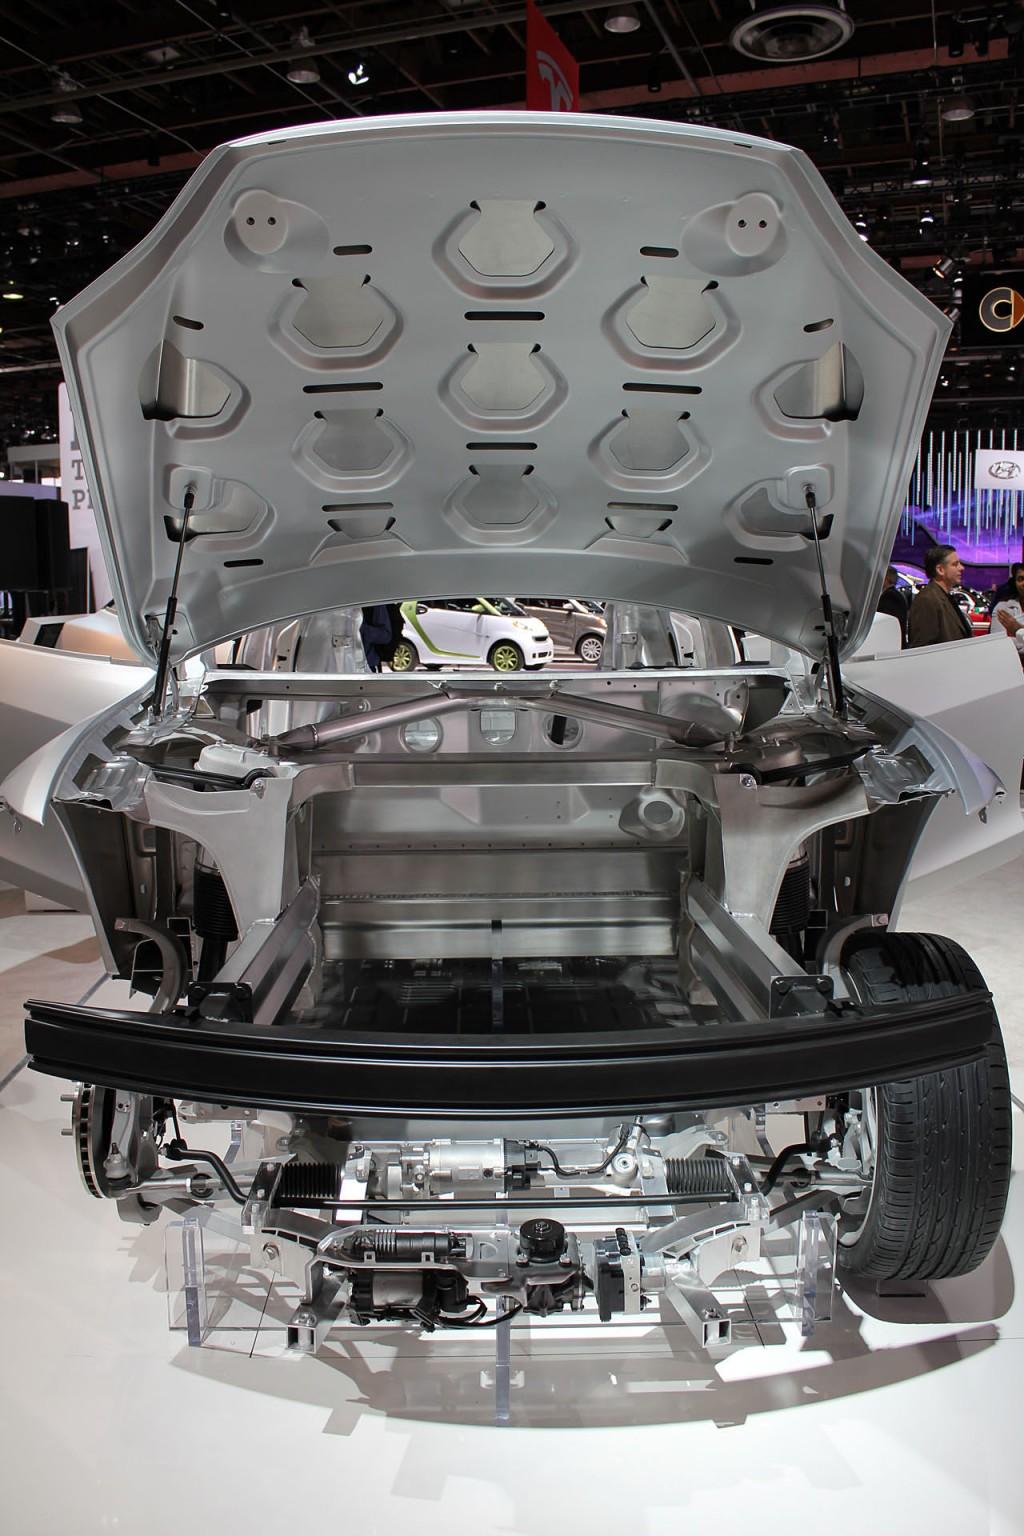 2012 Tesla Model S body-in-white